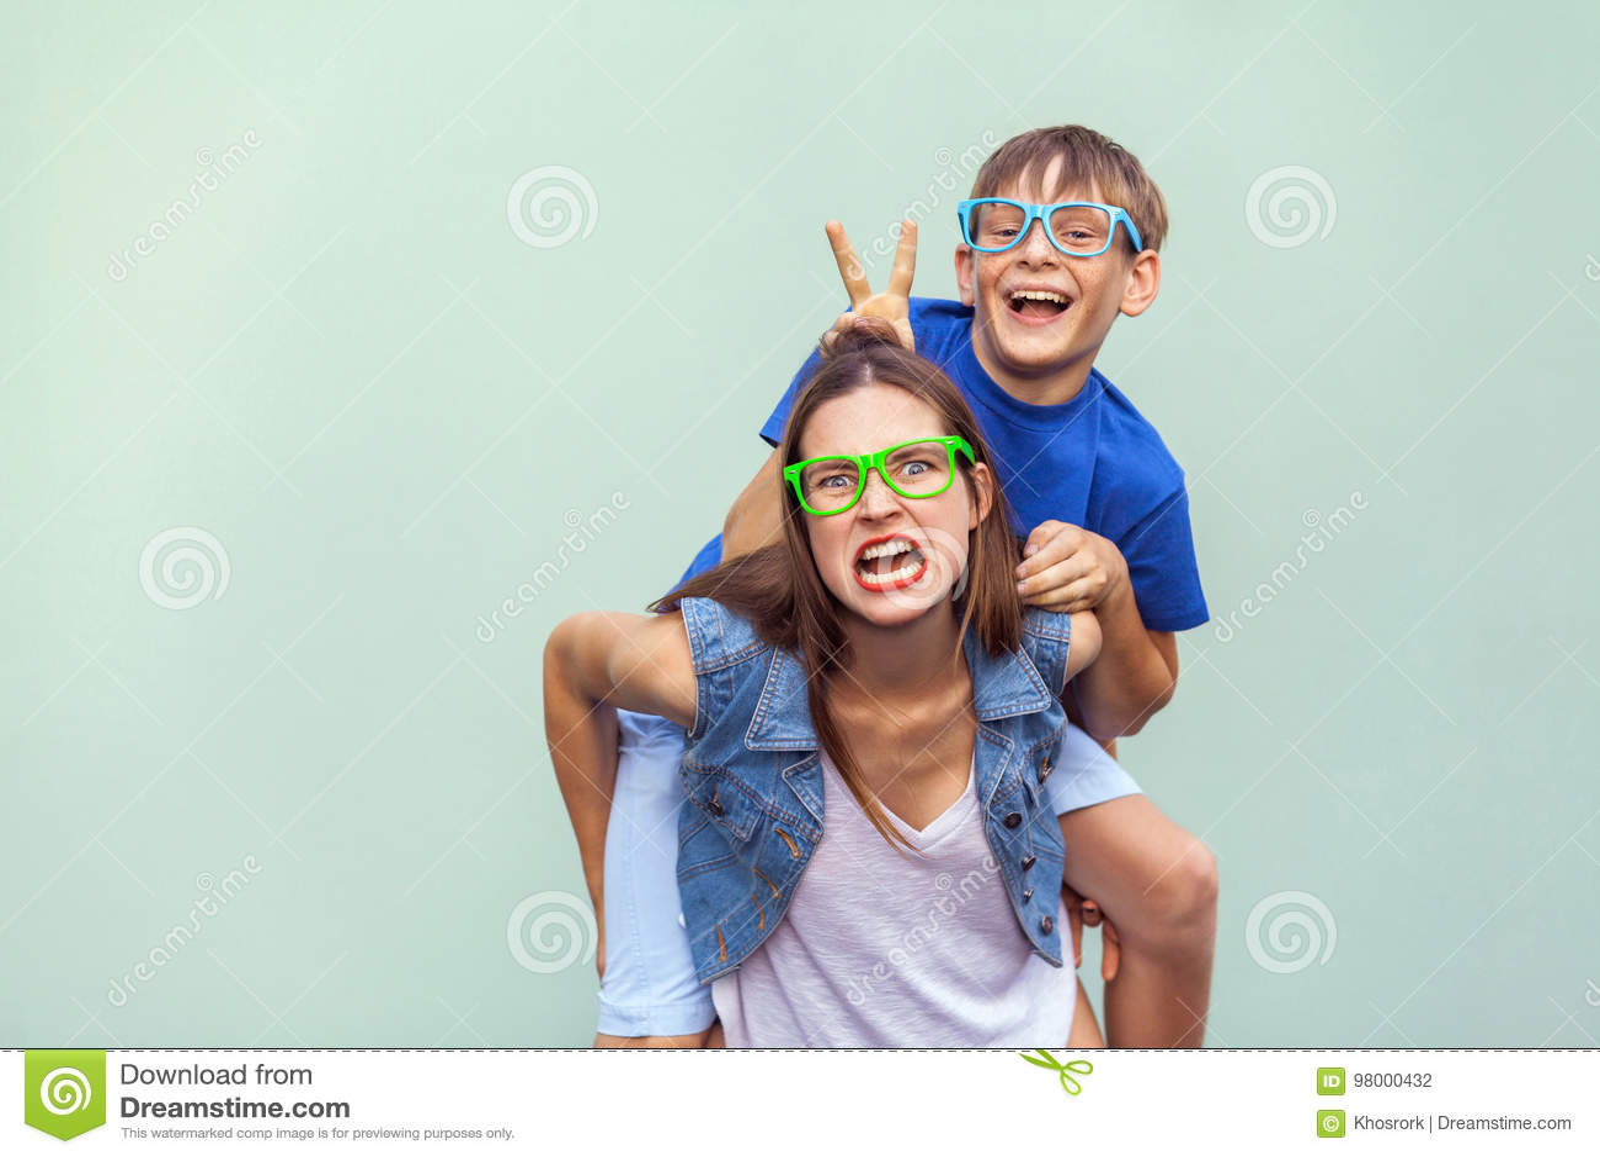 Le frère couvert de taches de rousseur s est élevé au dos d une soeur mignonne plus âgée Faisant le visage fou drôle et regarder